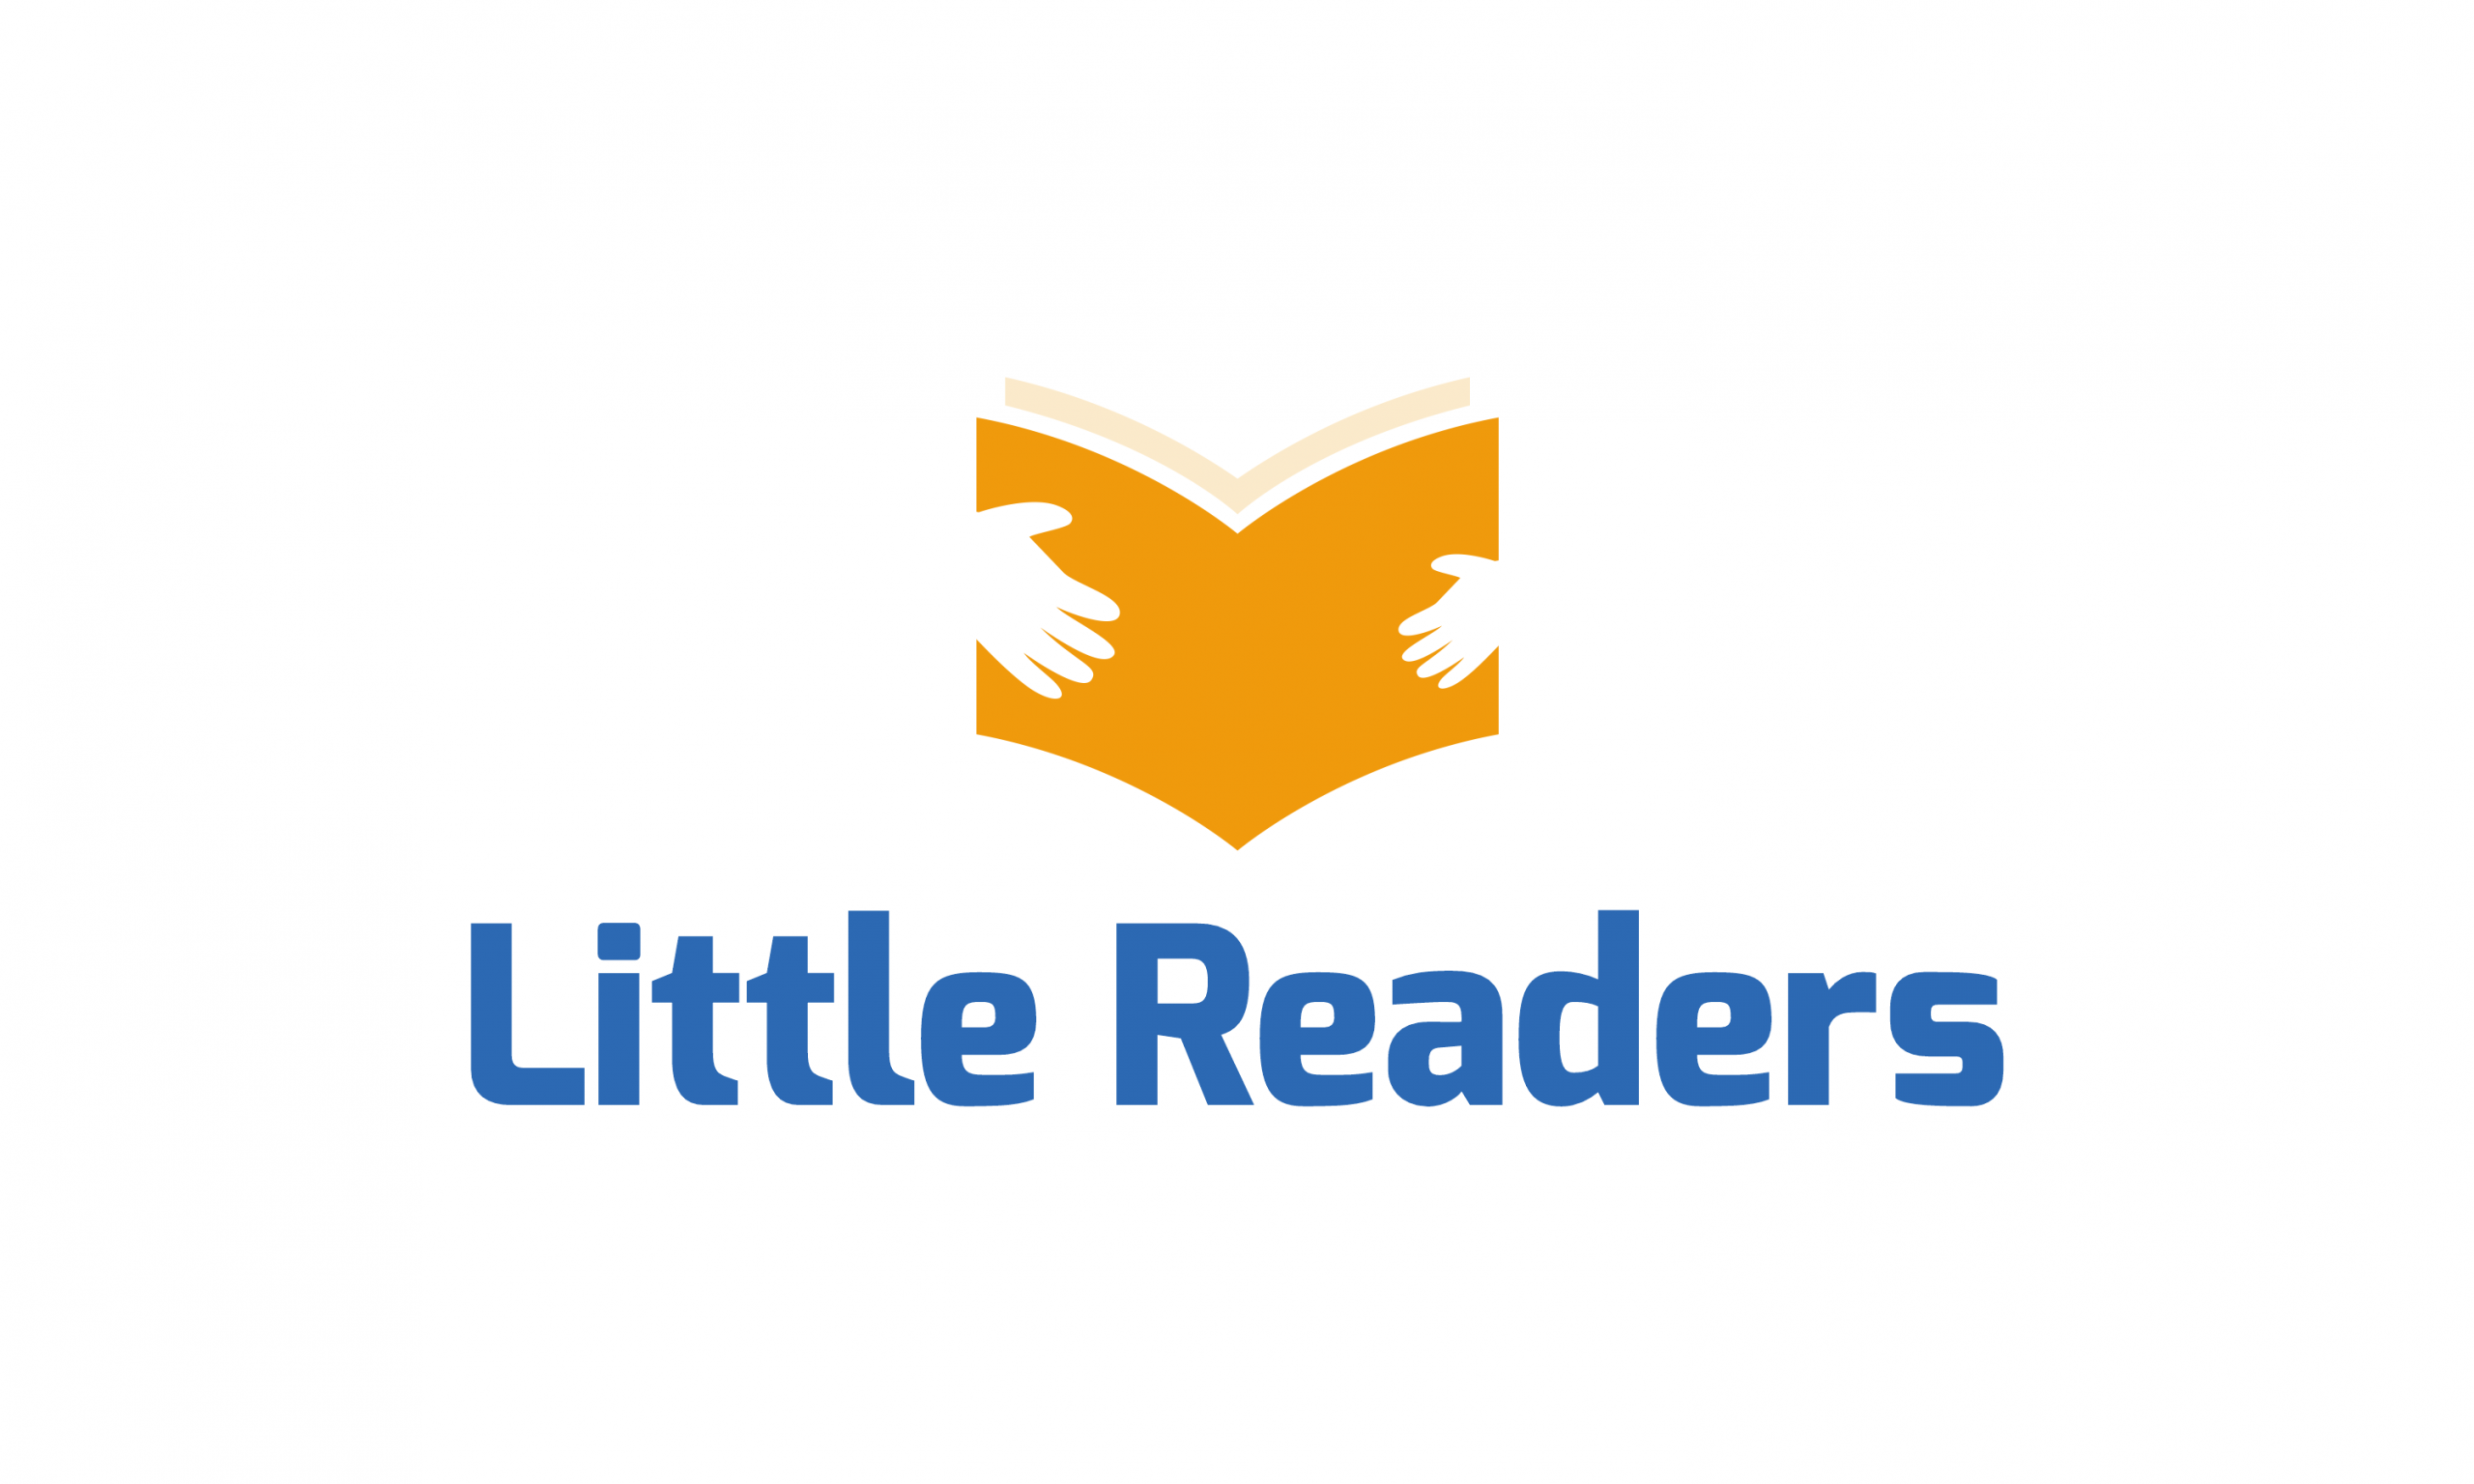 Little Readers